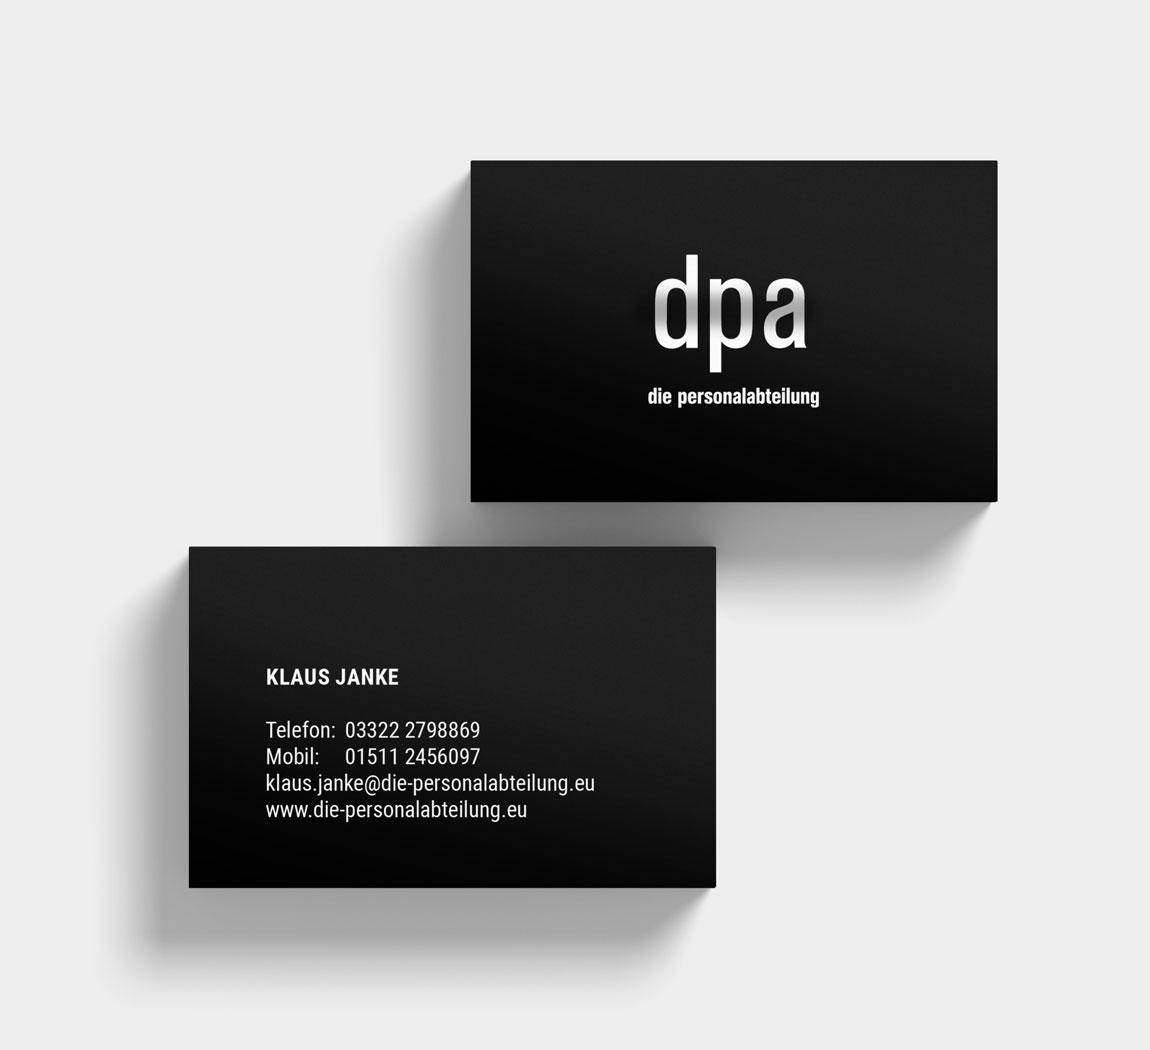 dpa-visitenkarten-mockup